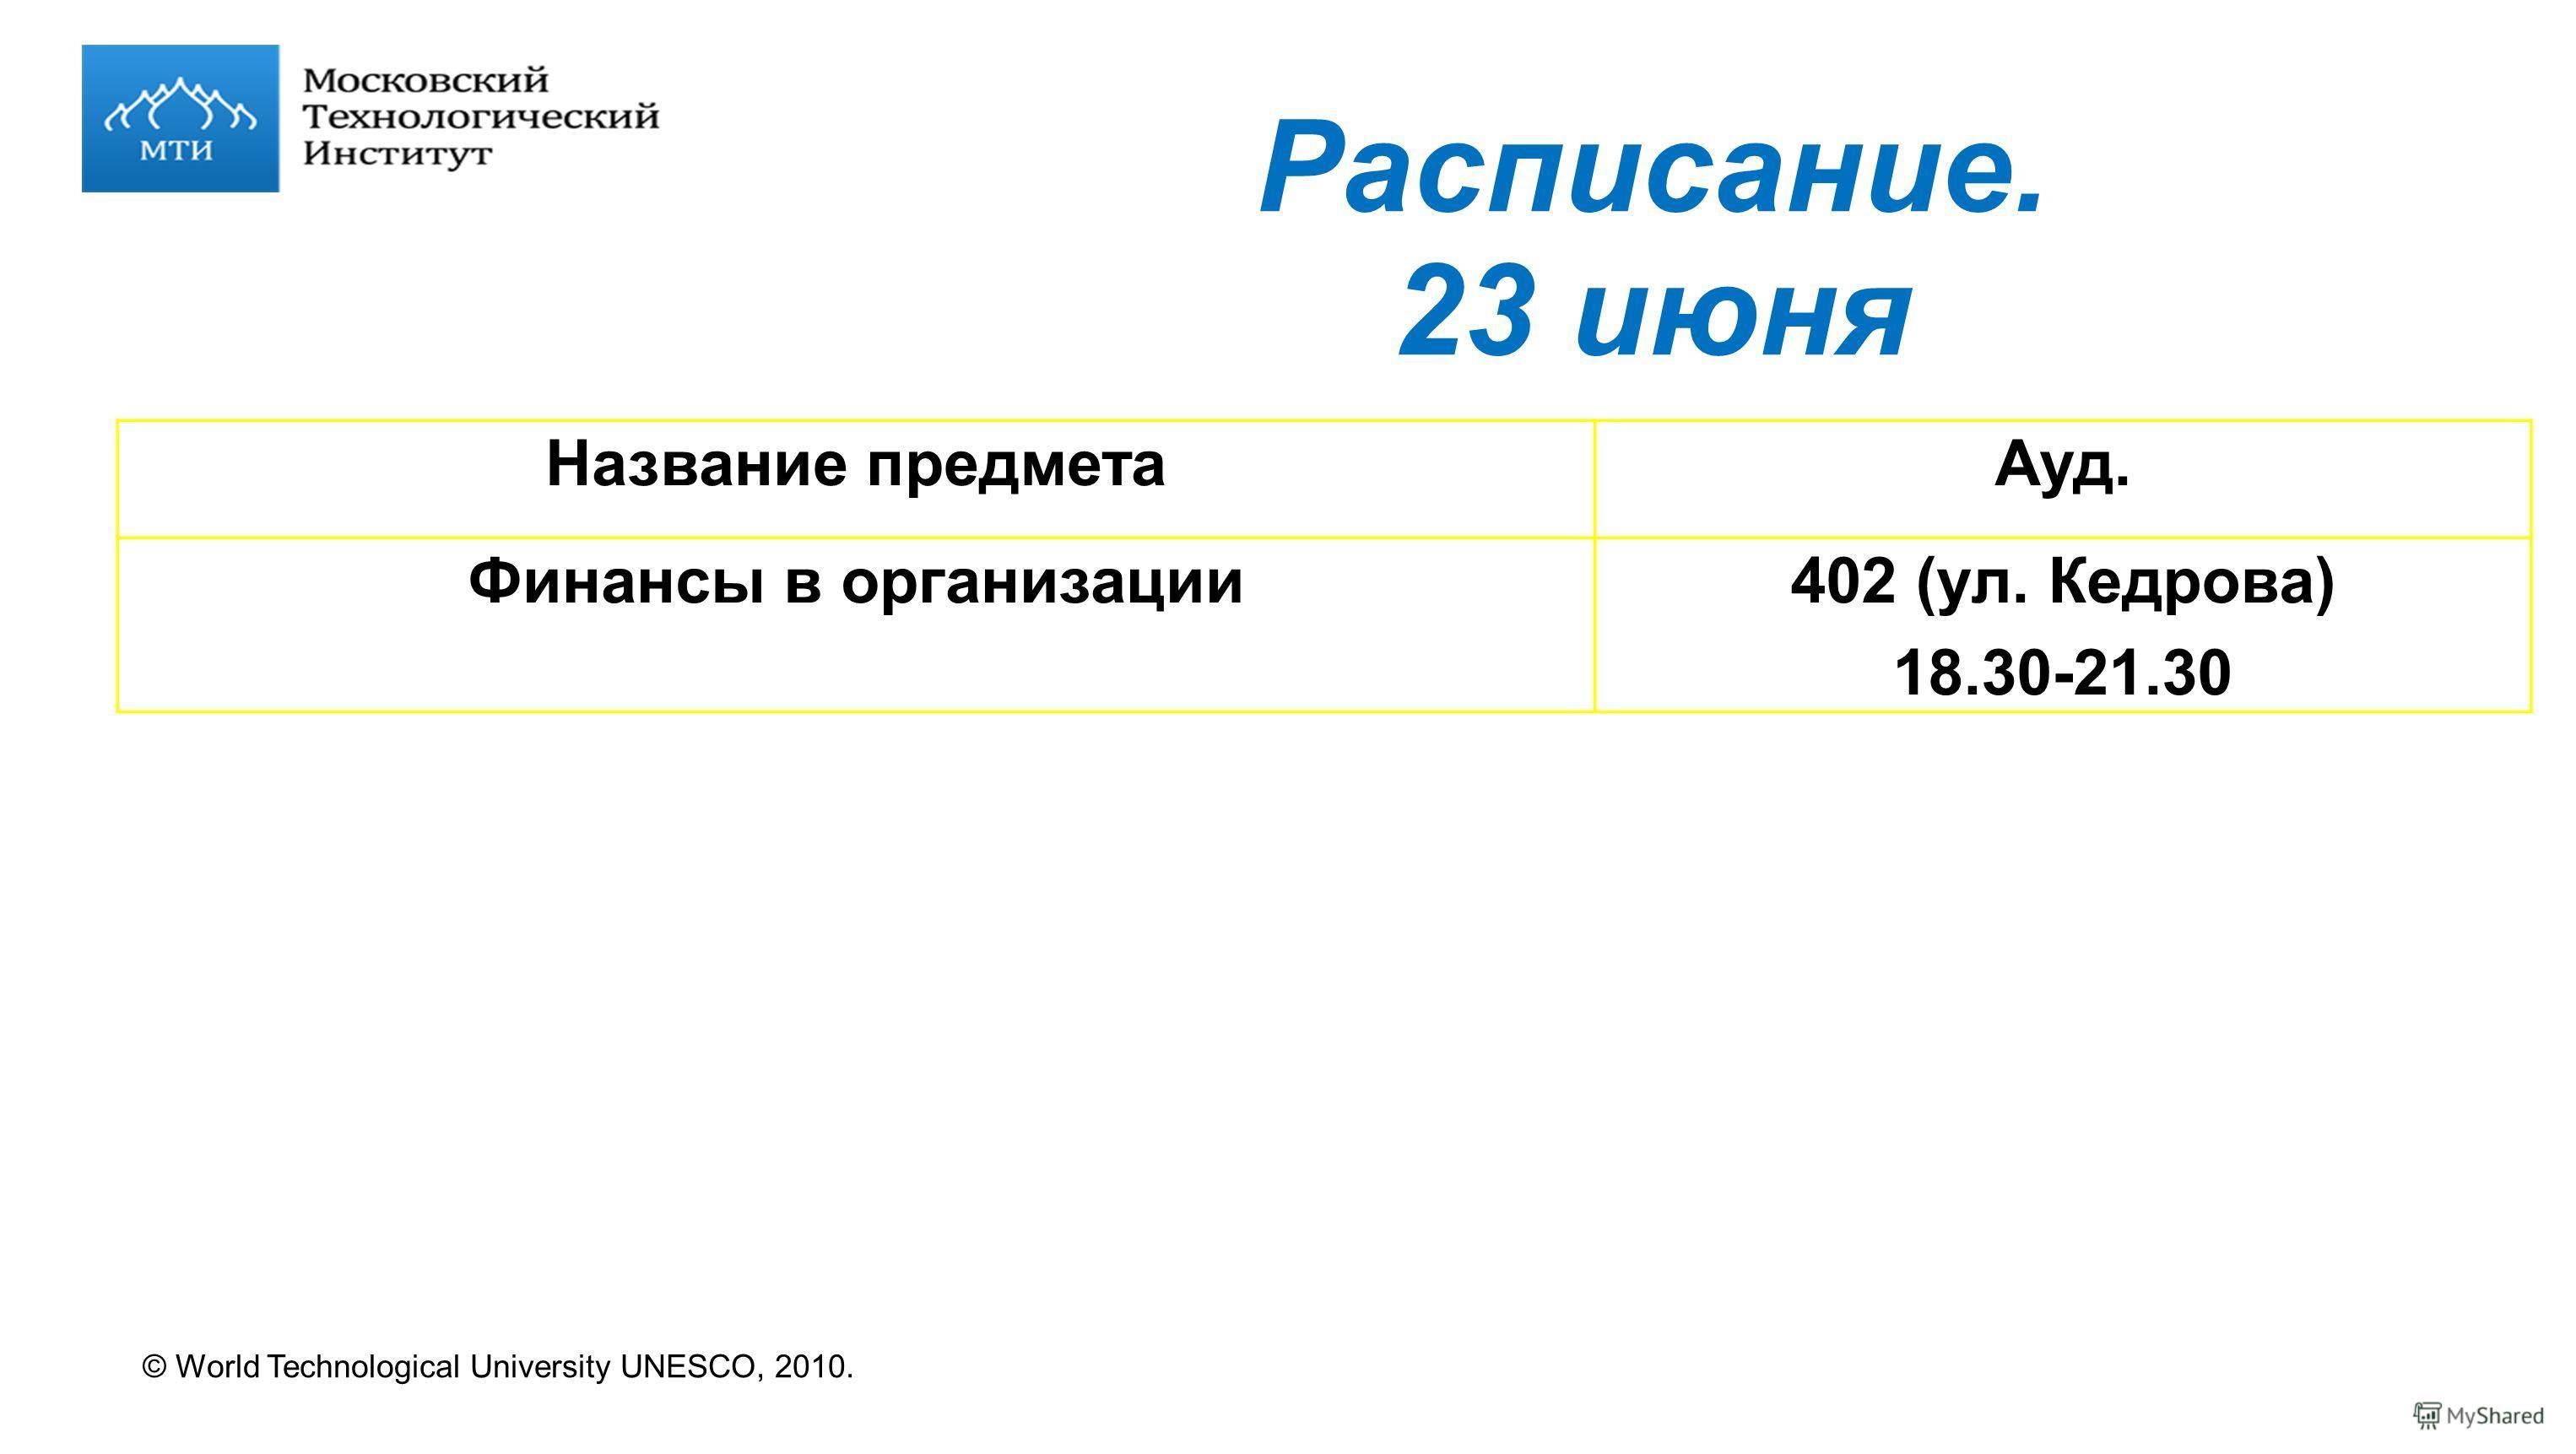 © World Technological University UNESCO, 2010. Расписание. 23 июня Название предметаАуд. Финансы в организации402 (ул. Кедрова) 18.30-21.30